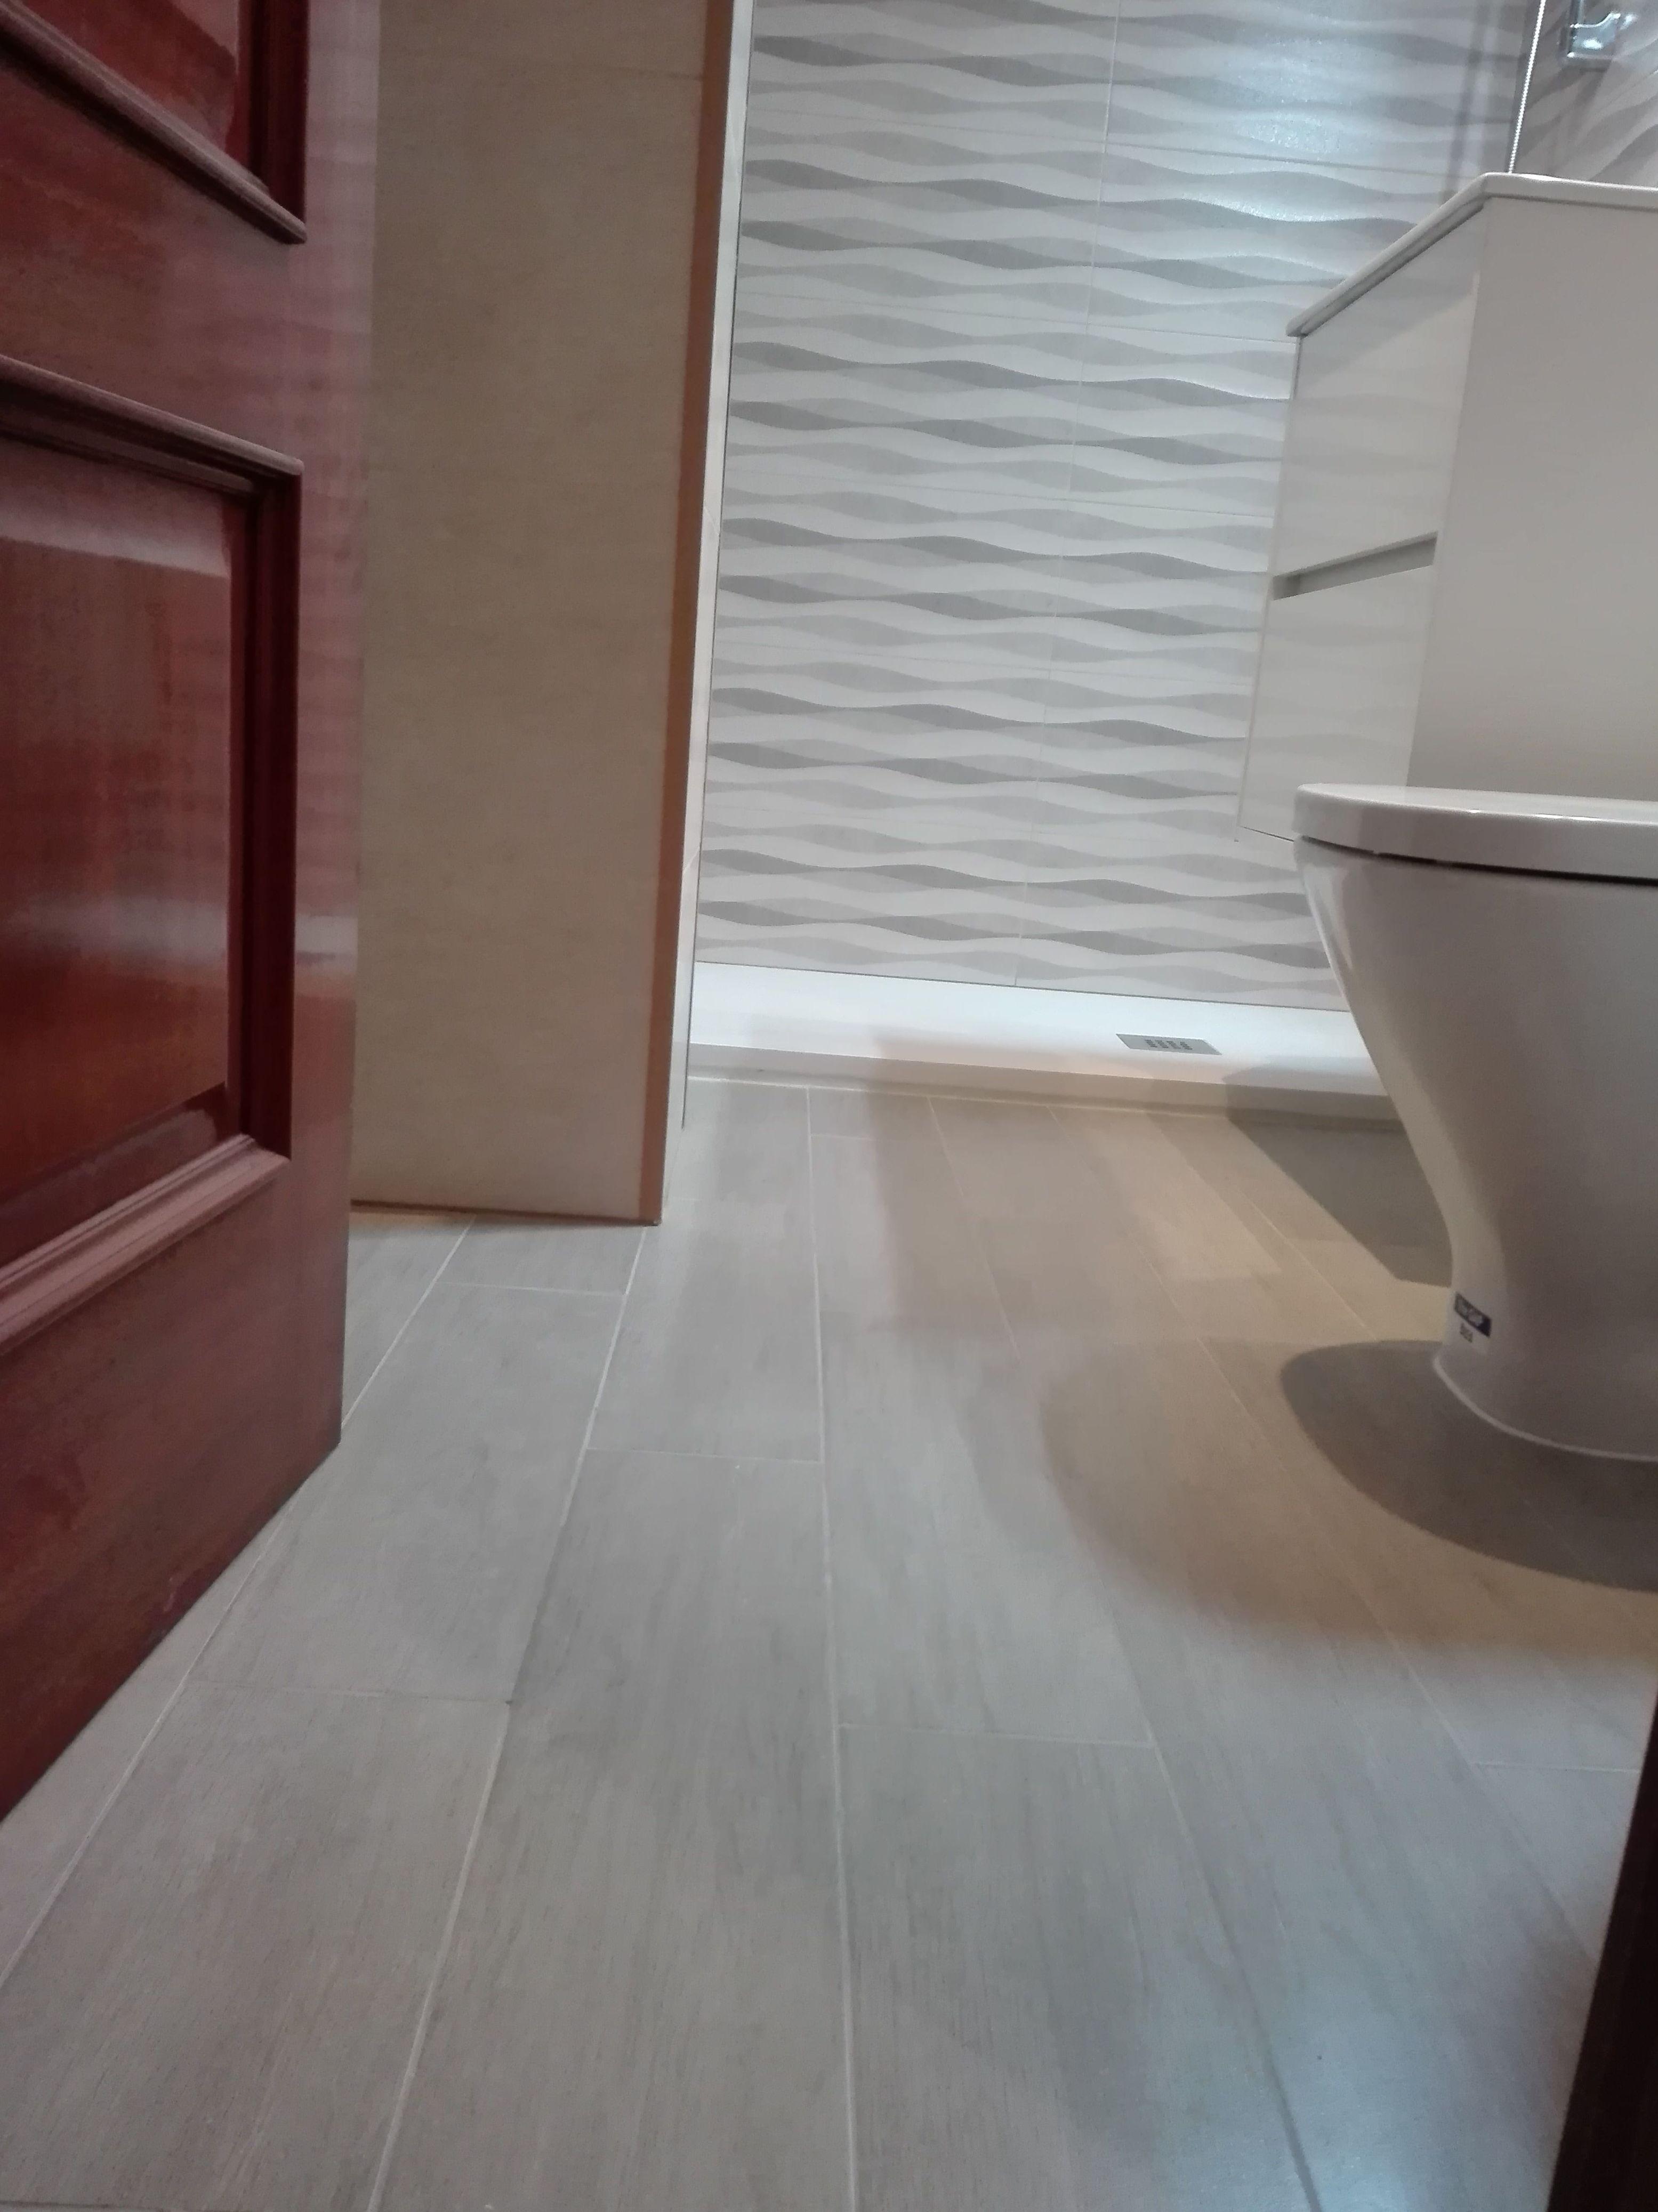 Foto 27 de Reformas de baños y cocinas en Zaragoza | REFORMAS BAÑO MODERNO